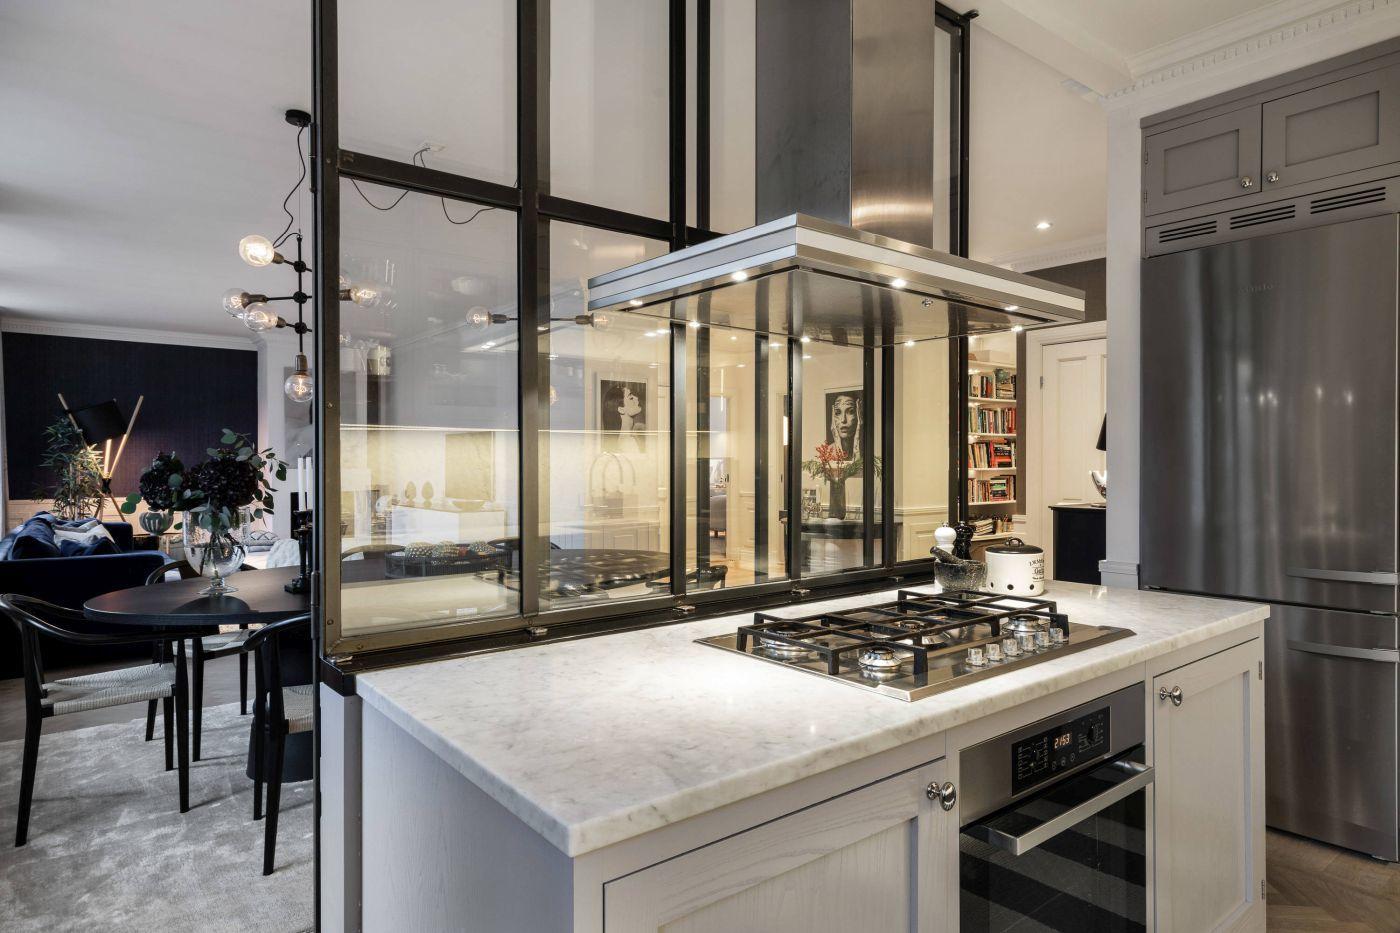 Két oldalról a konyhasziget elé tolhatók az ajtóelemek